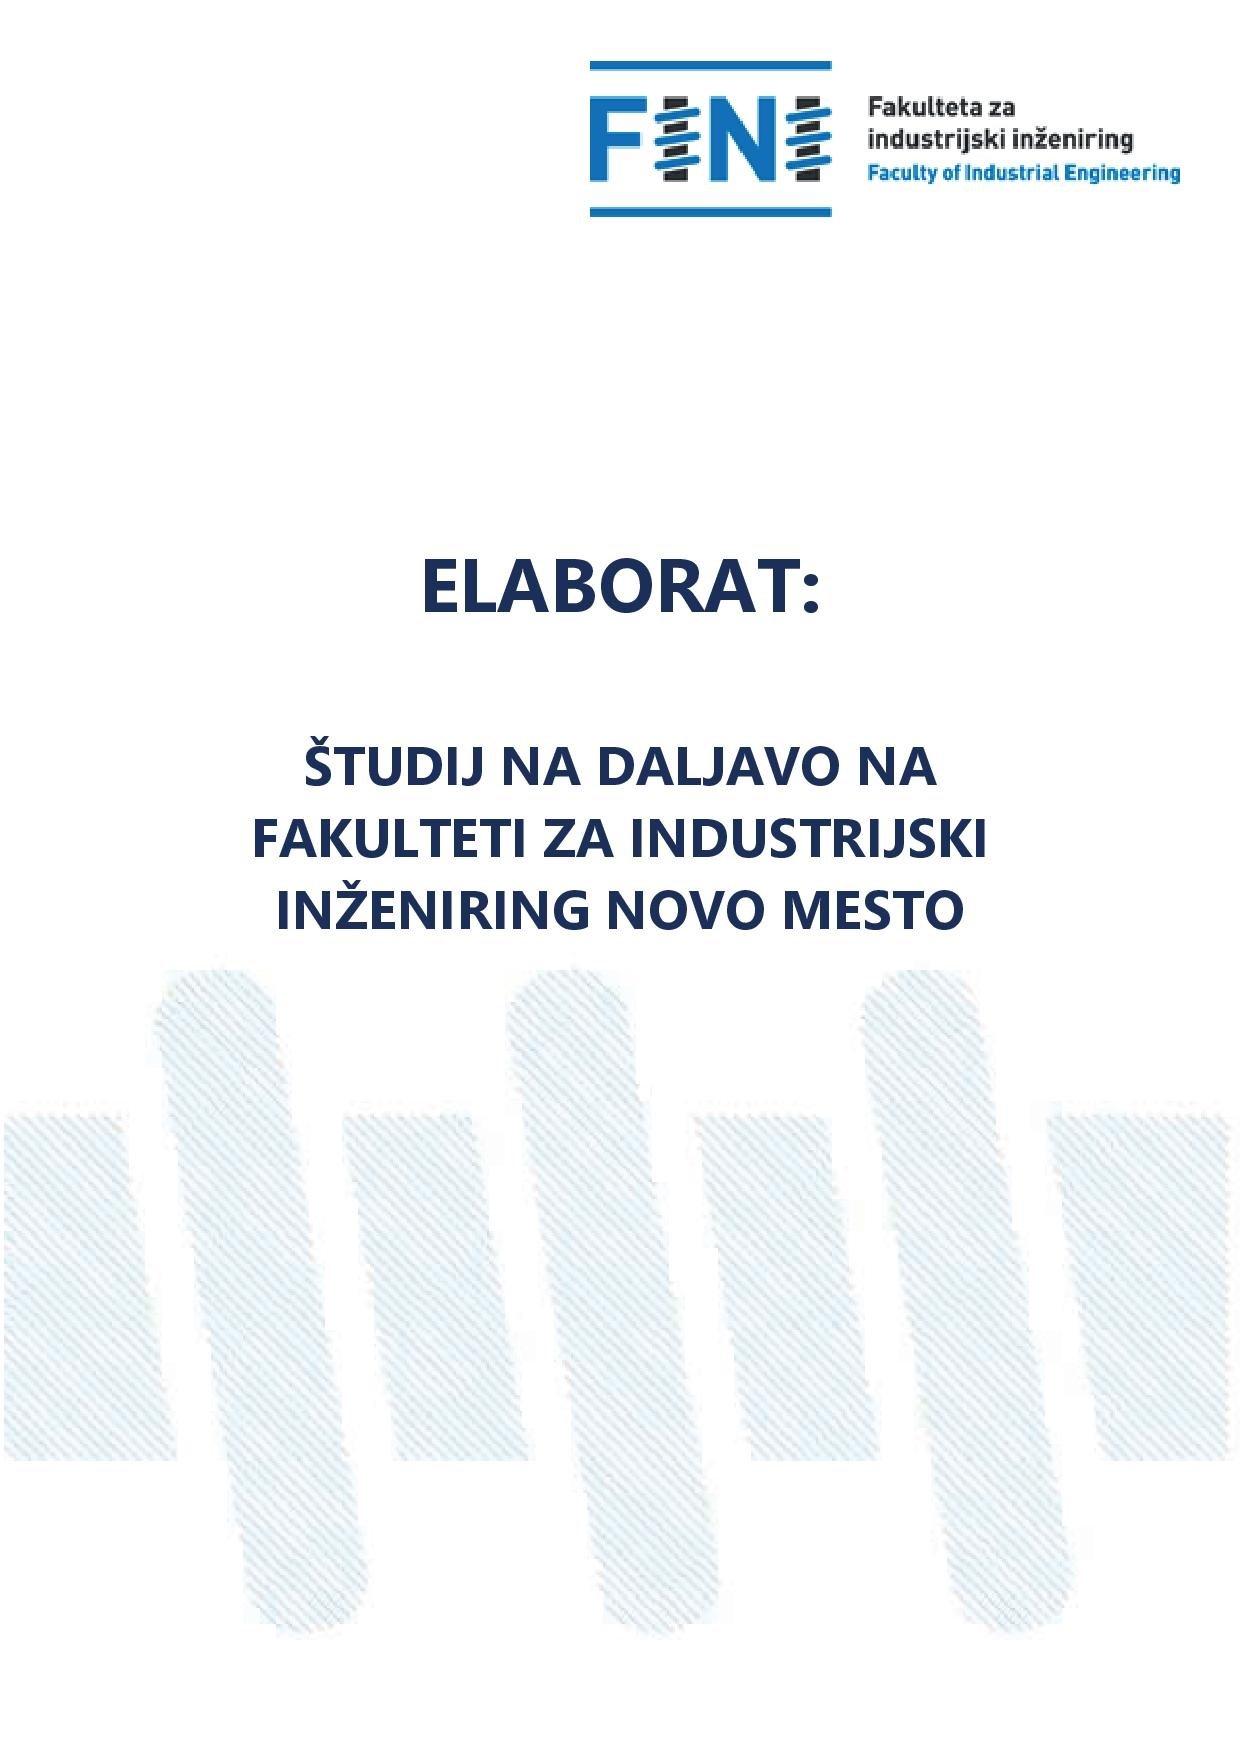 ELABORAT: Študij na daljavo na Fakulteti za industrijski inženiring Novo mesto